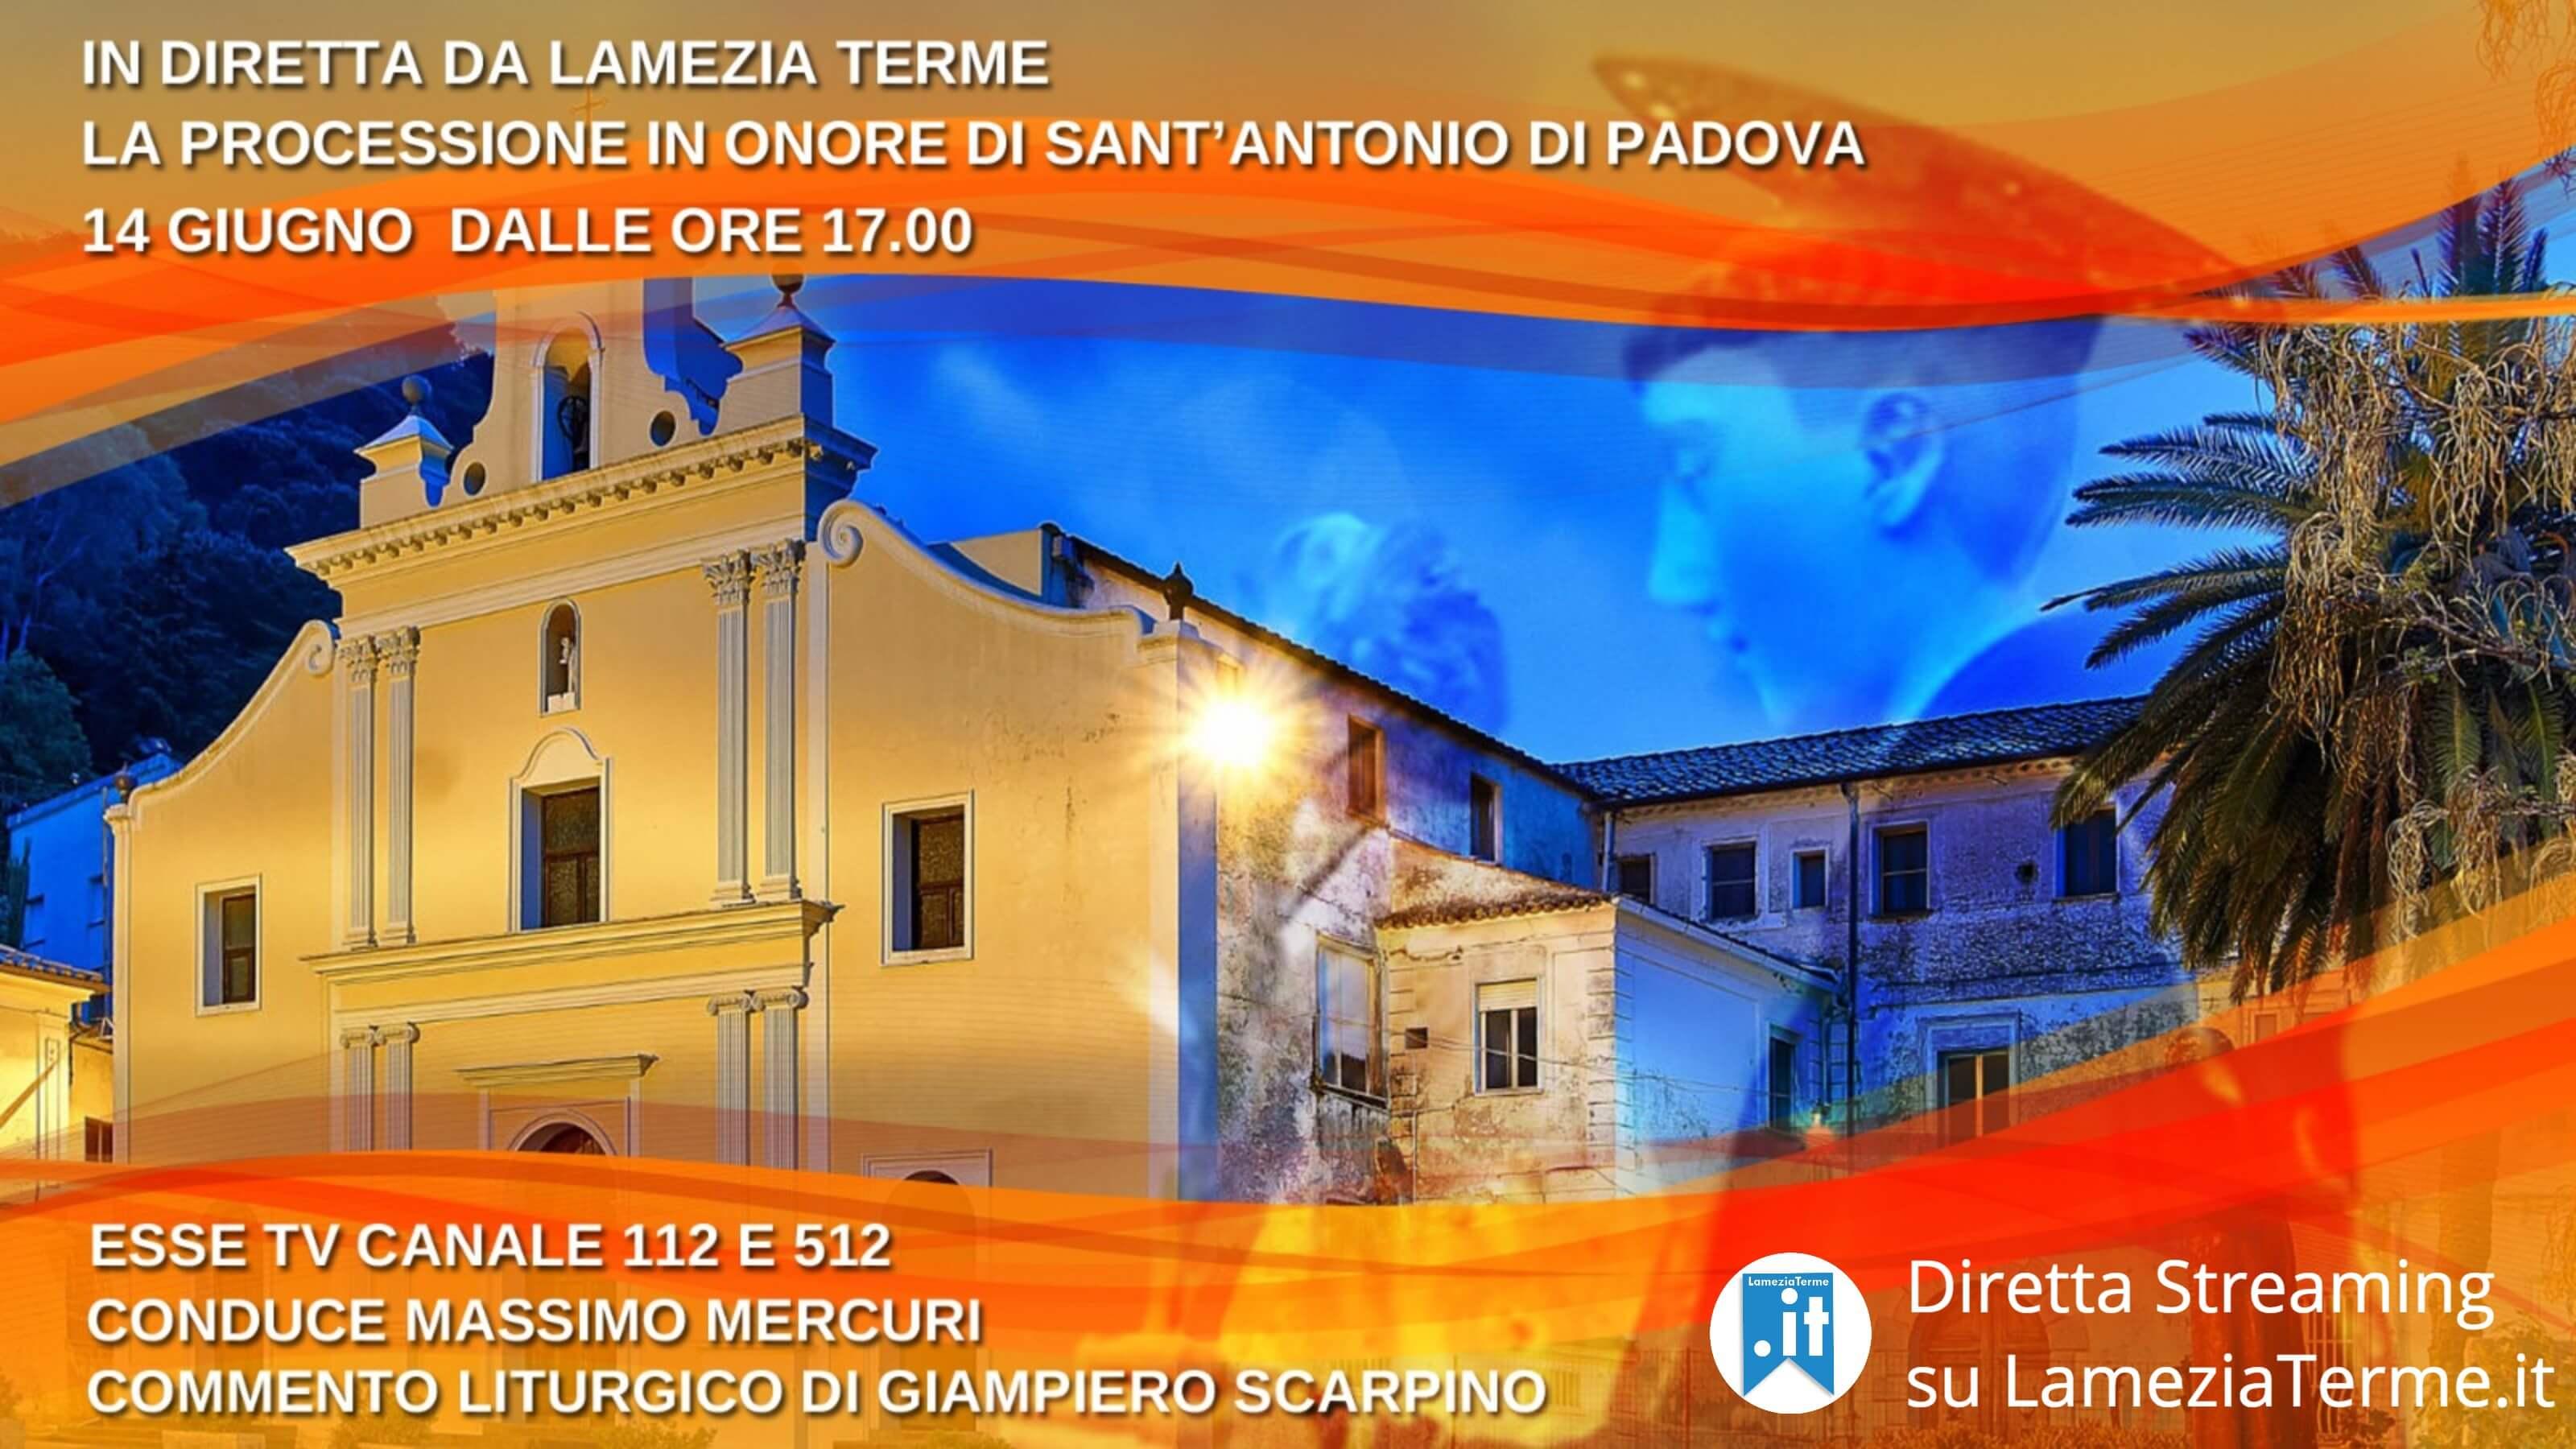 La Processione di Sant'Antonio di Padova in diretta streaming